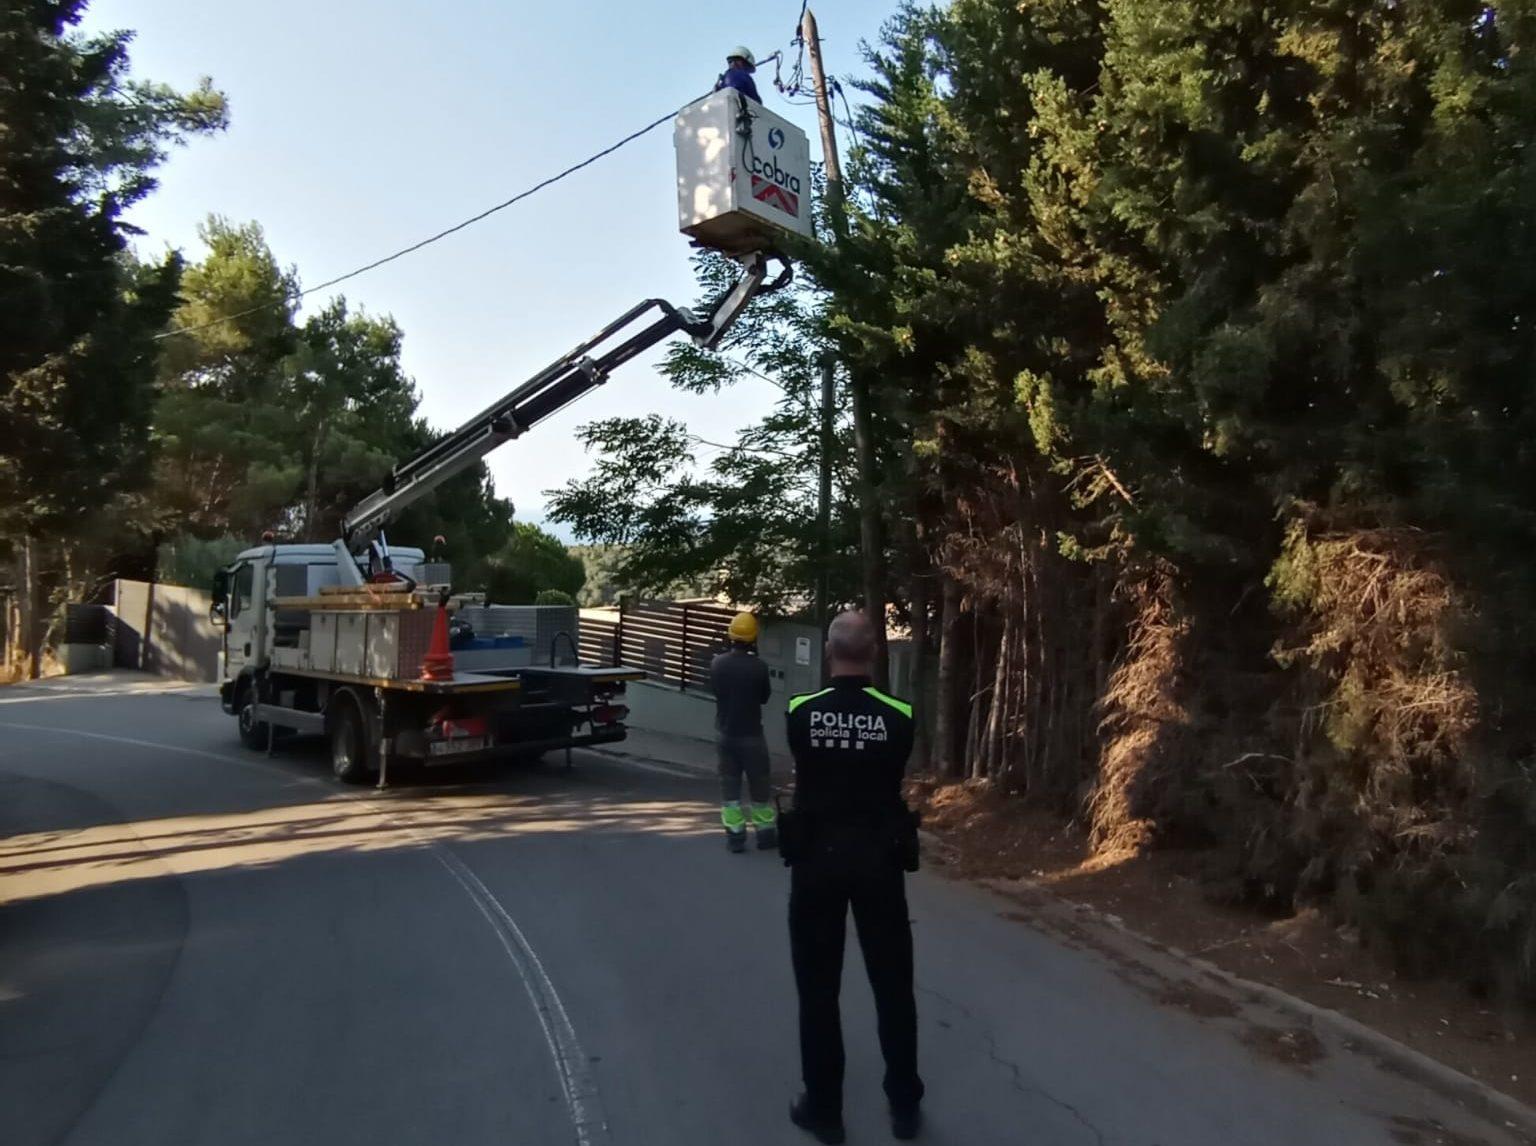 La Policia Local ha acompanyat a operaris elèctrics a tallar la llum a cases on la tenien punxada